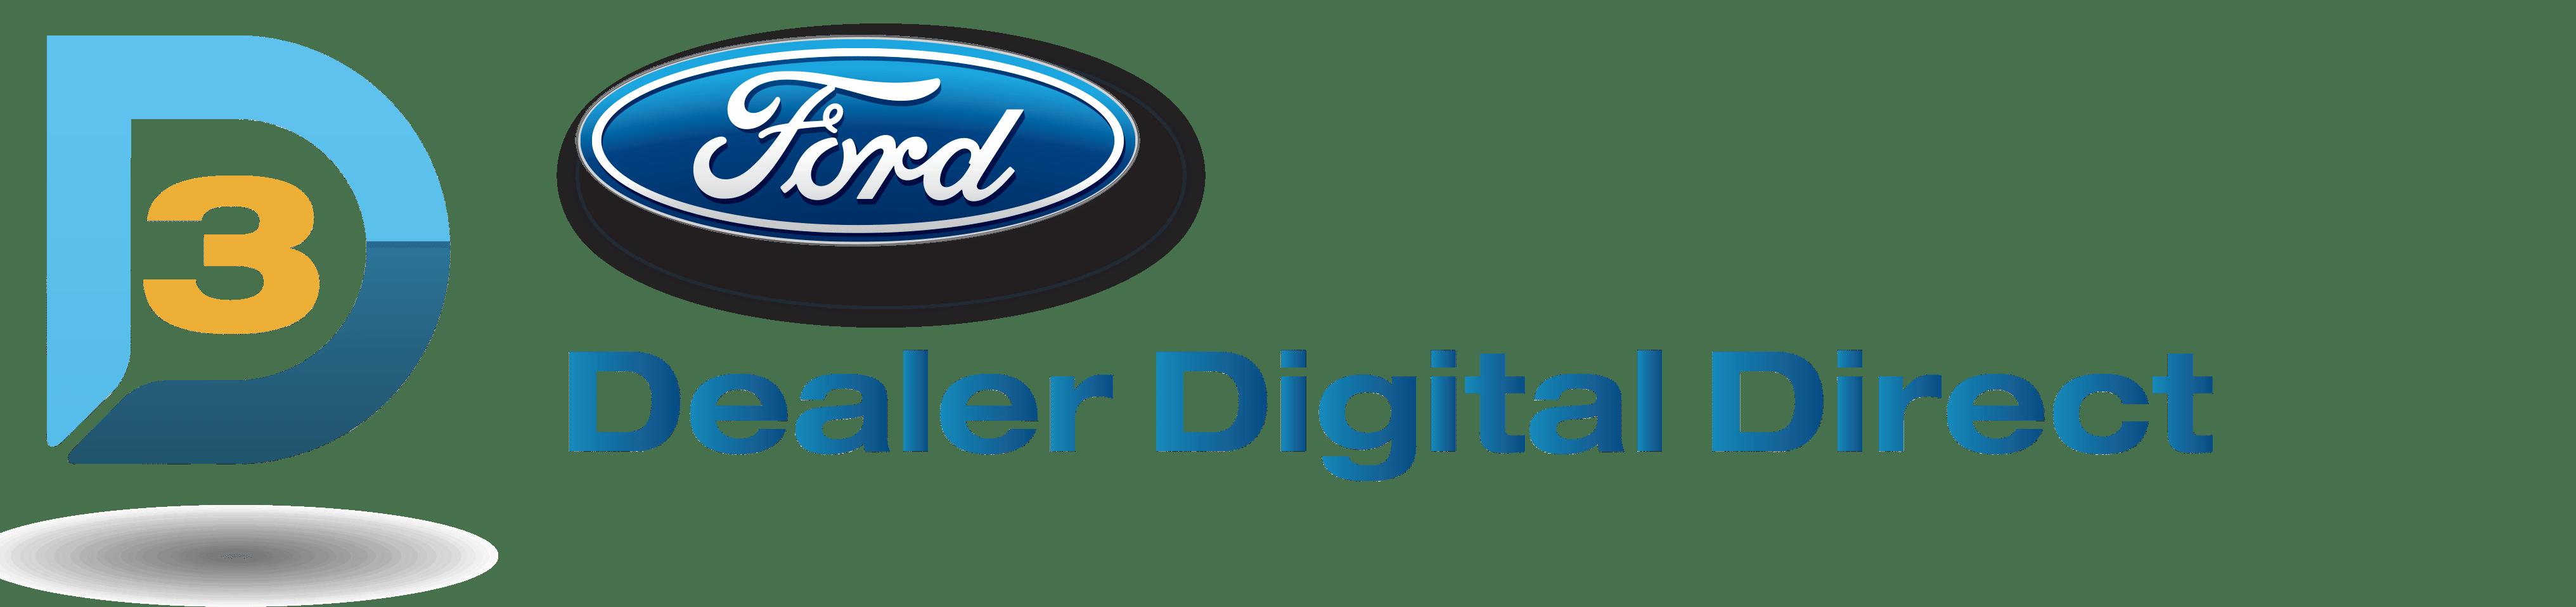 ford d3 logo